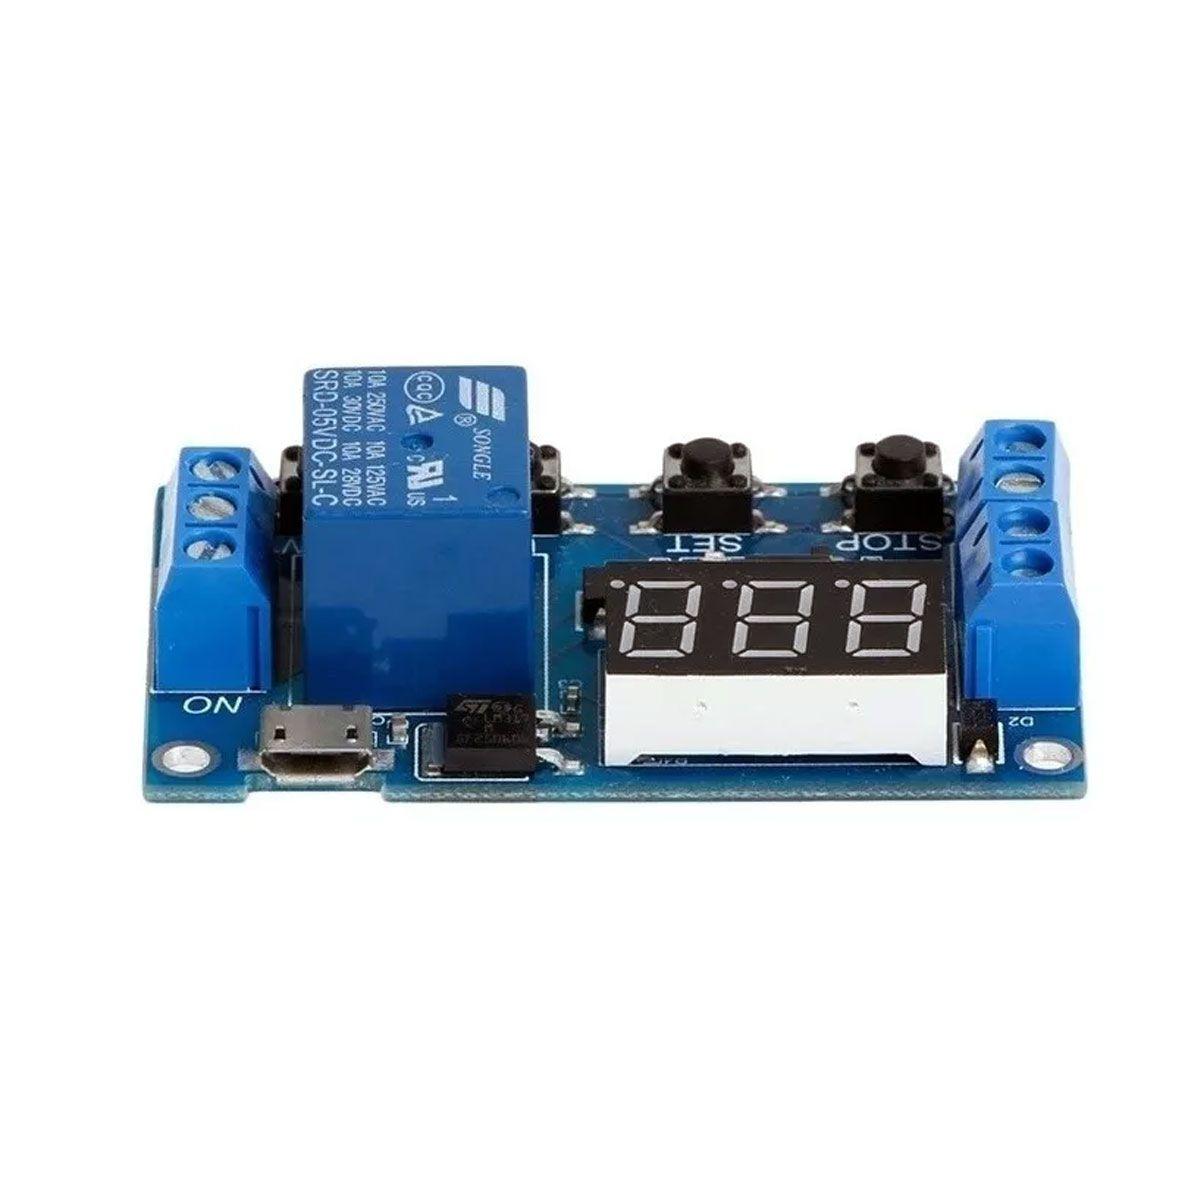 Relé Temporizador Digital Ajustável Delay Timer para Chocadeira e Usos em Geral